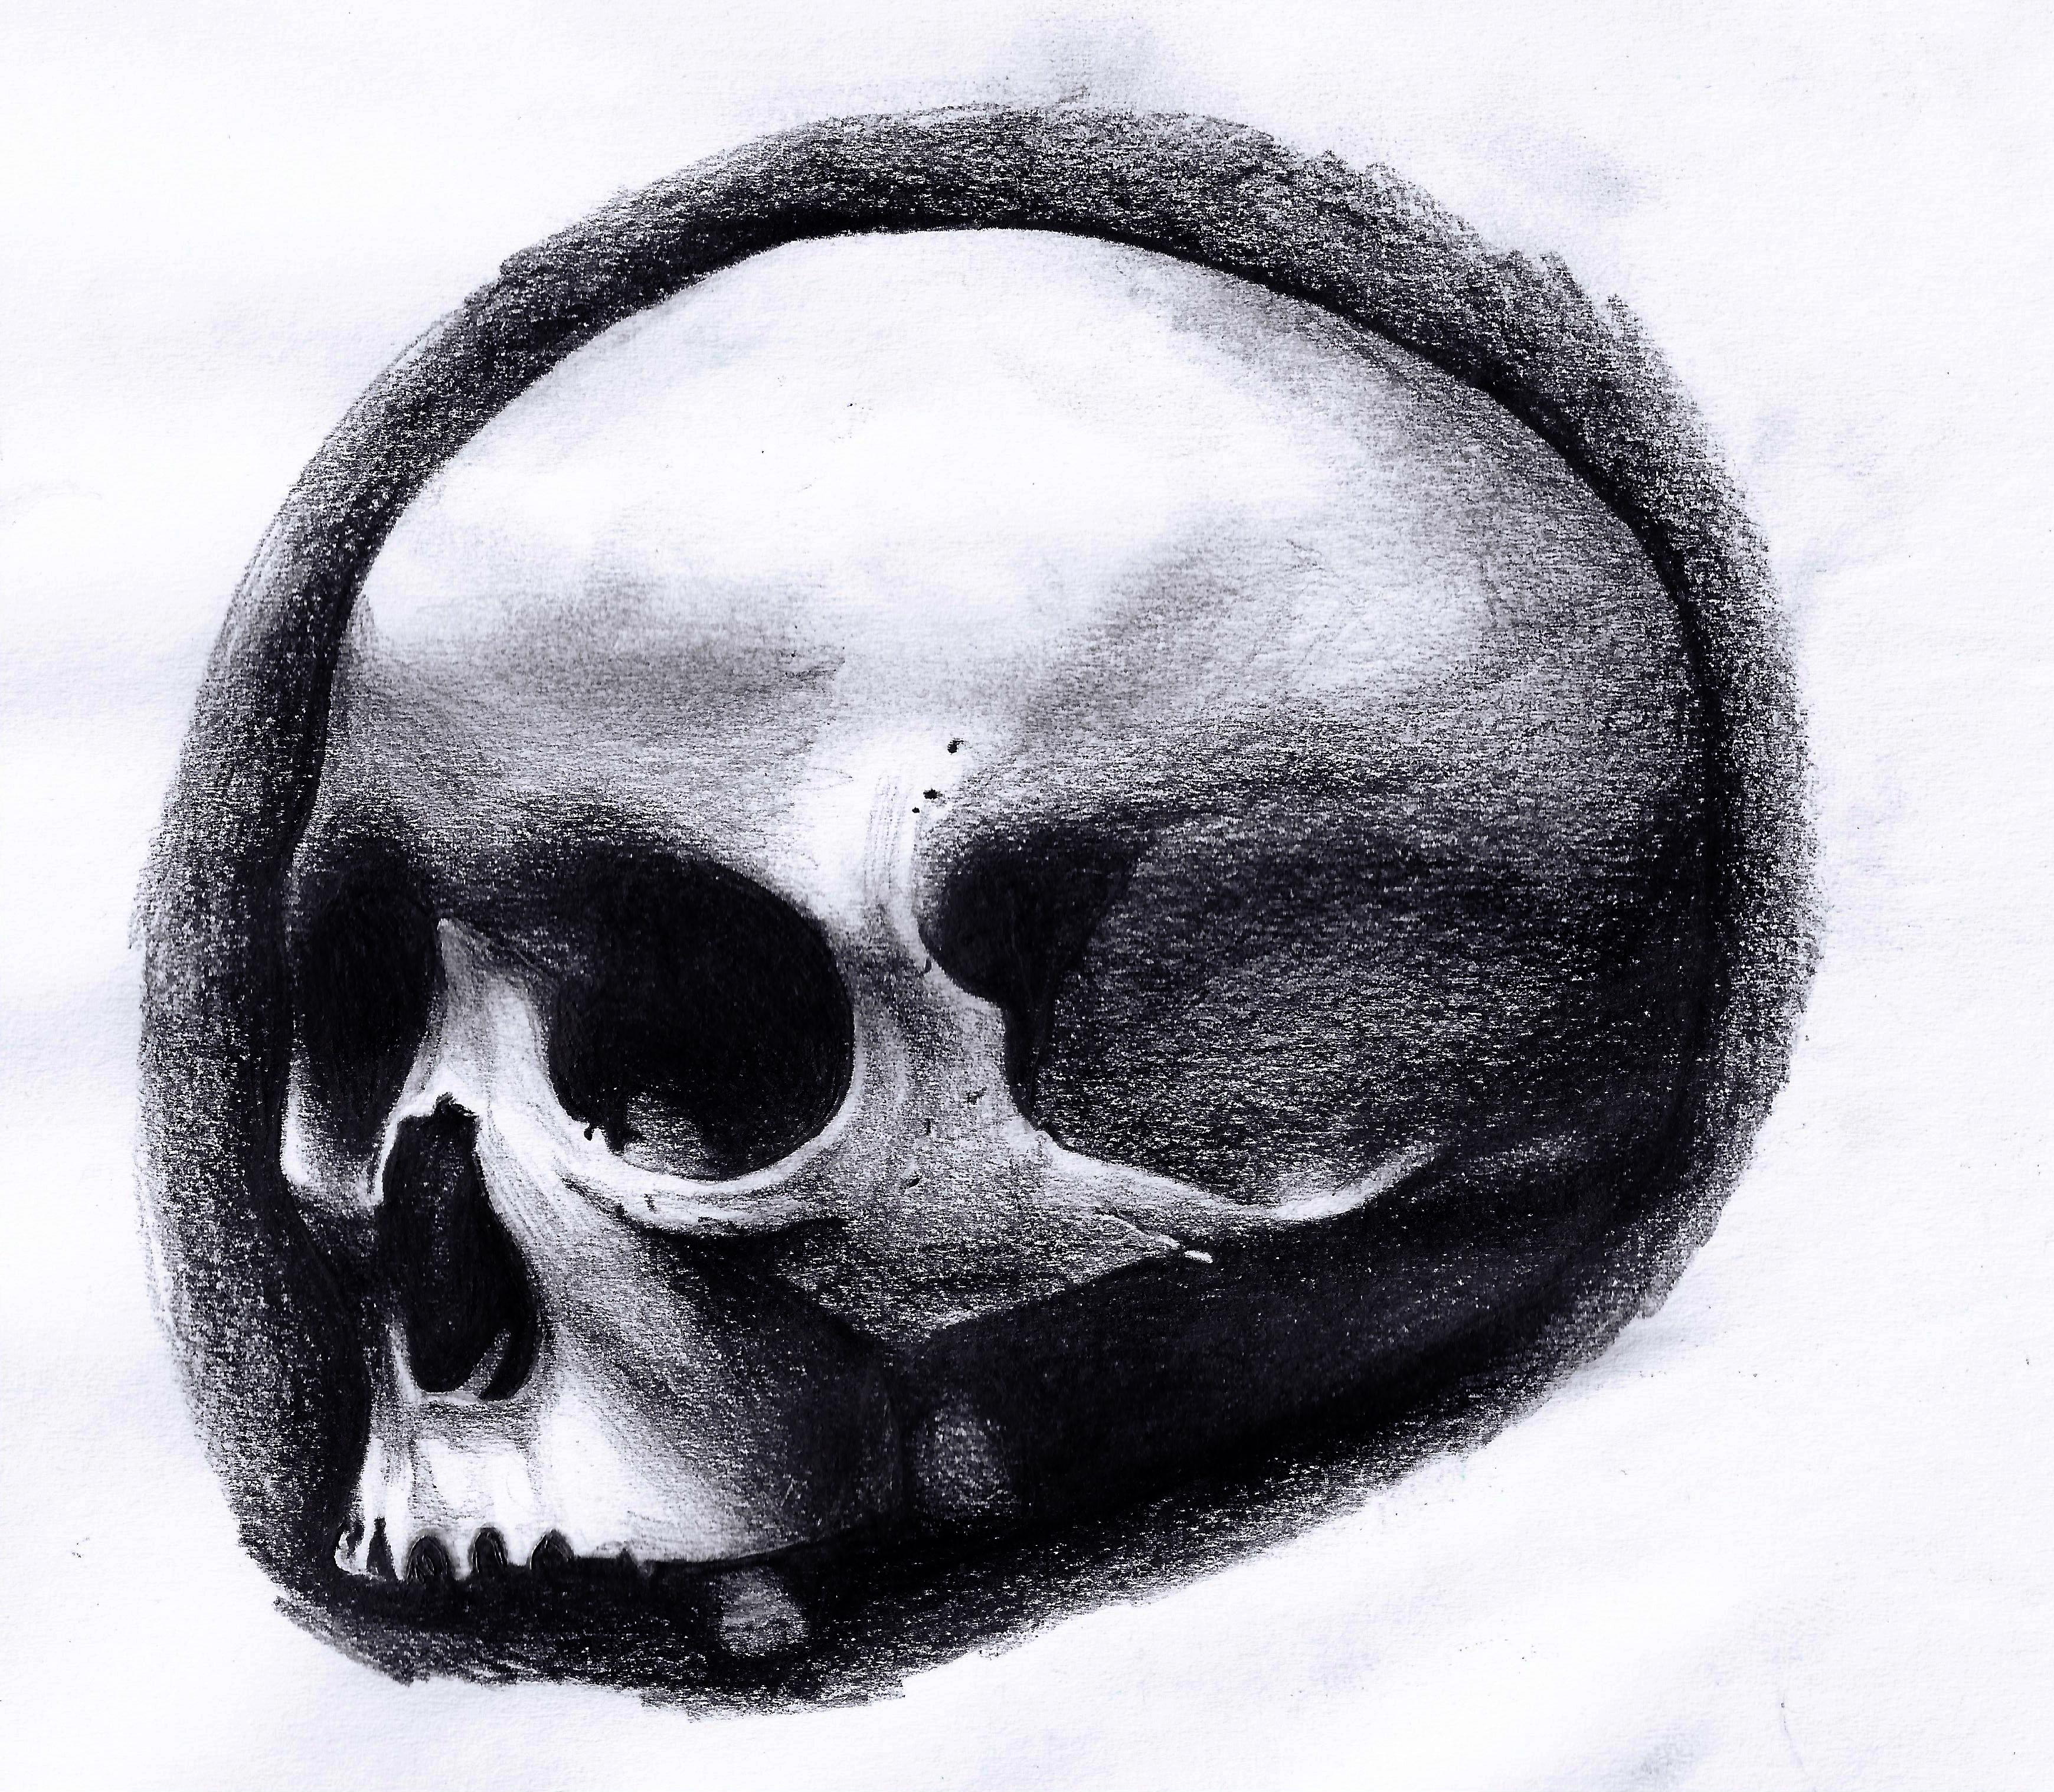 всегда прикольный рисунок черепа относится паразитическим